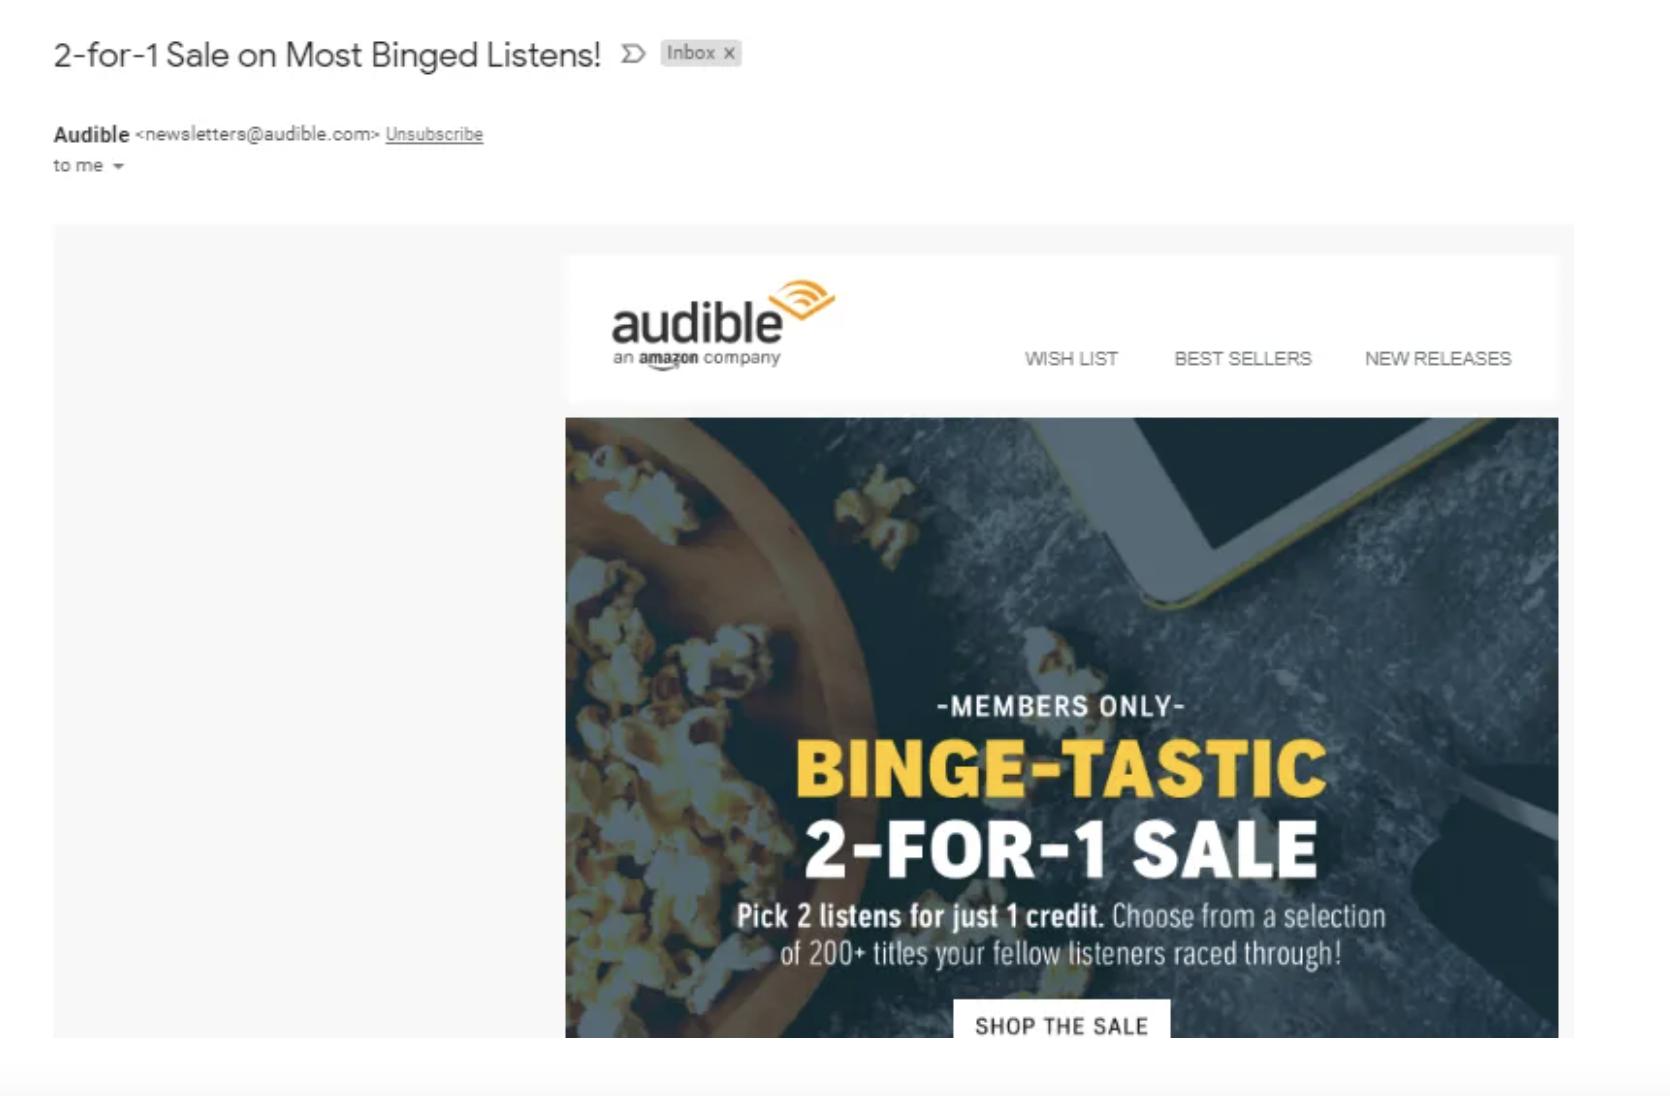 Audible Flash Sale